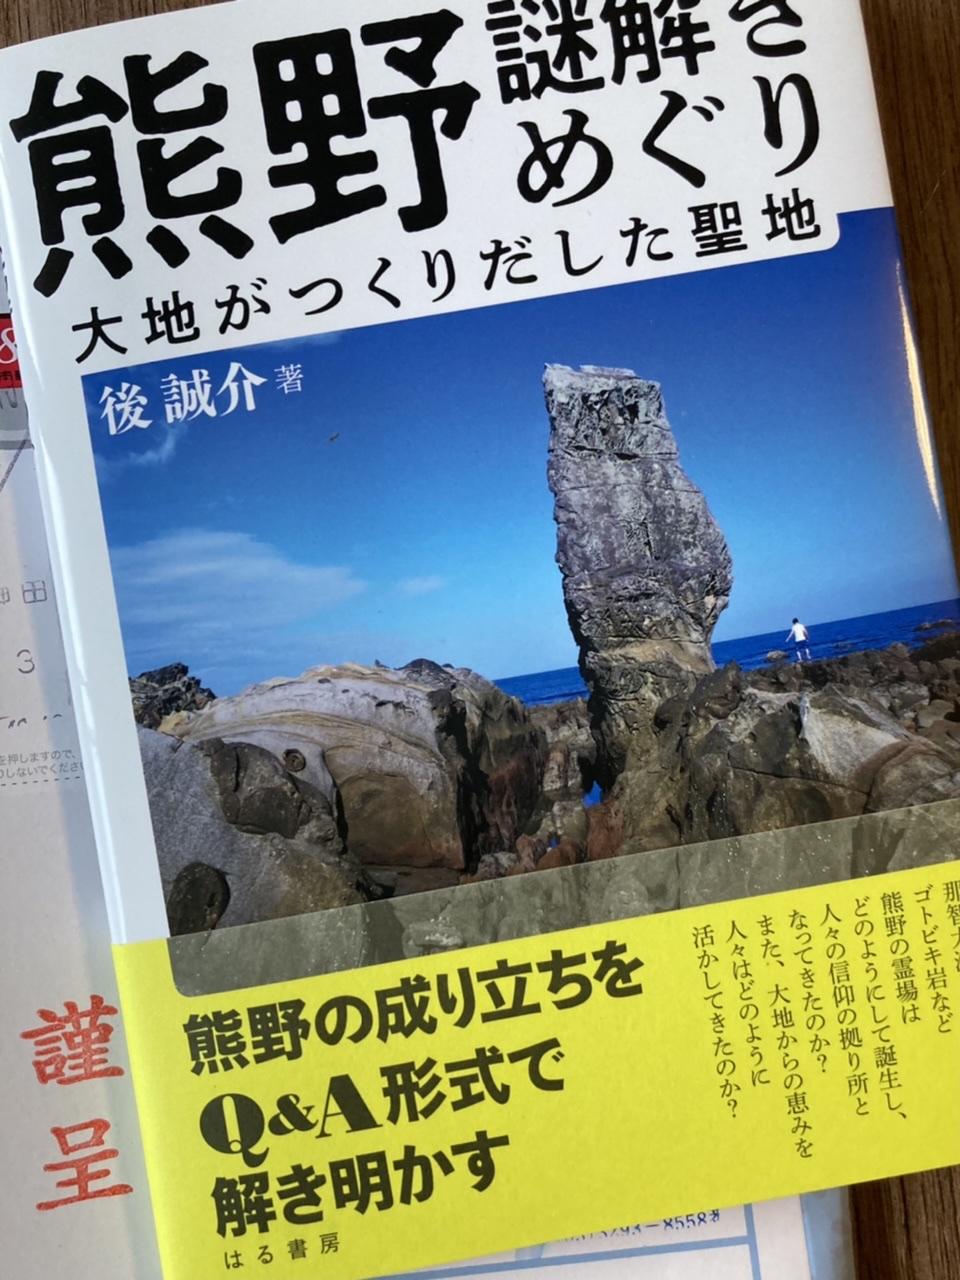 『熊野謎解きめぐり 大地がつくりだした聖地』、献本いただきました!